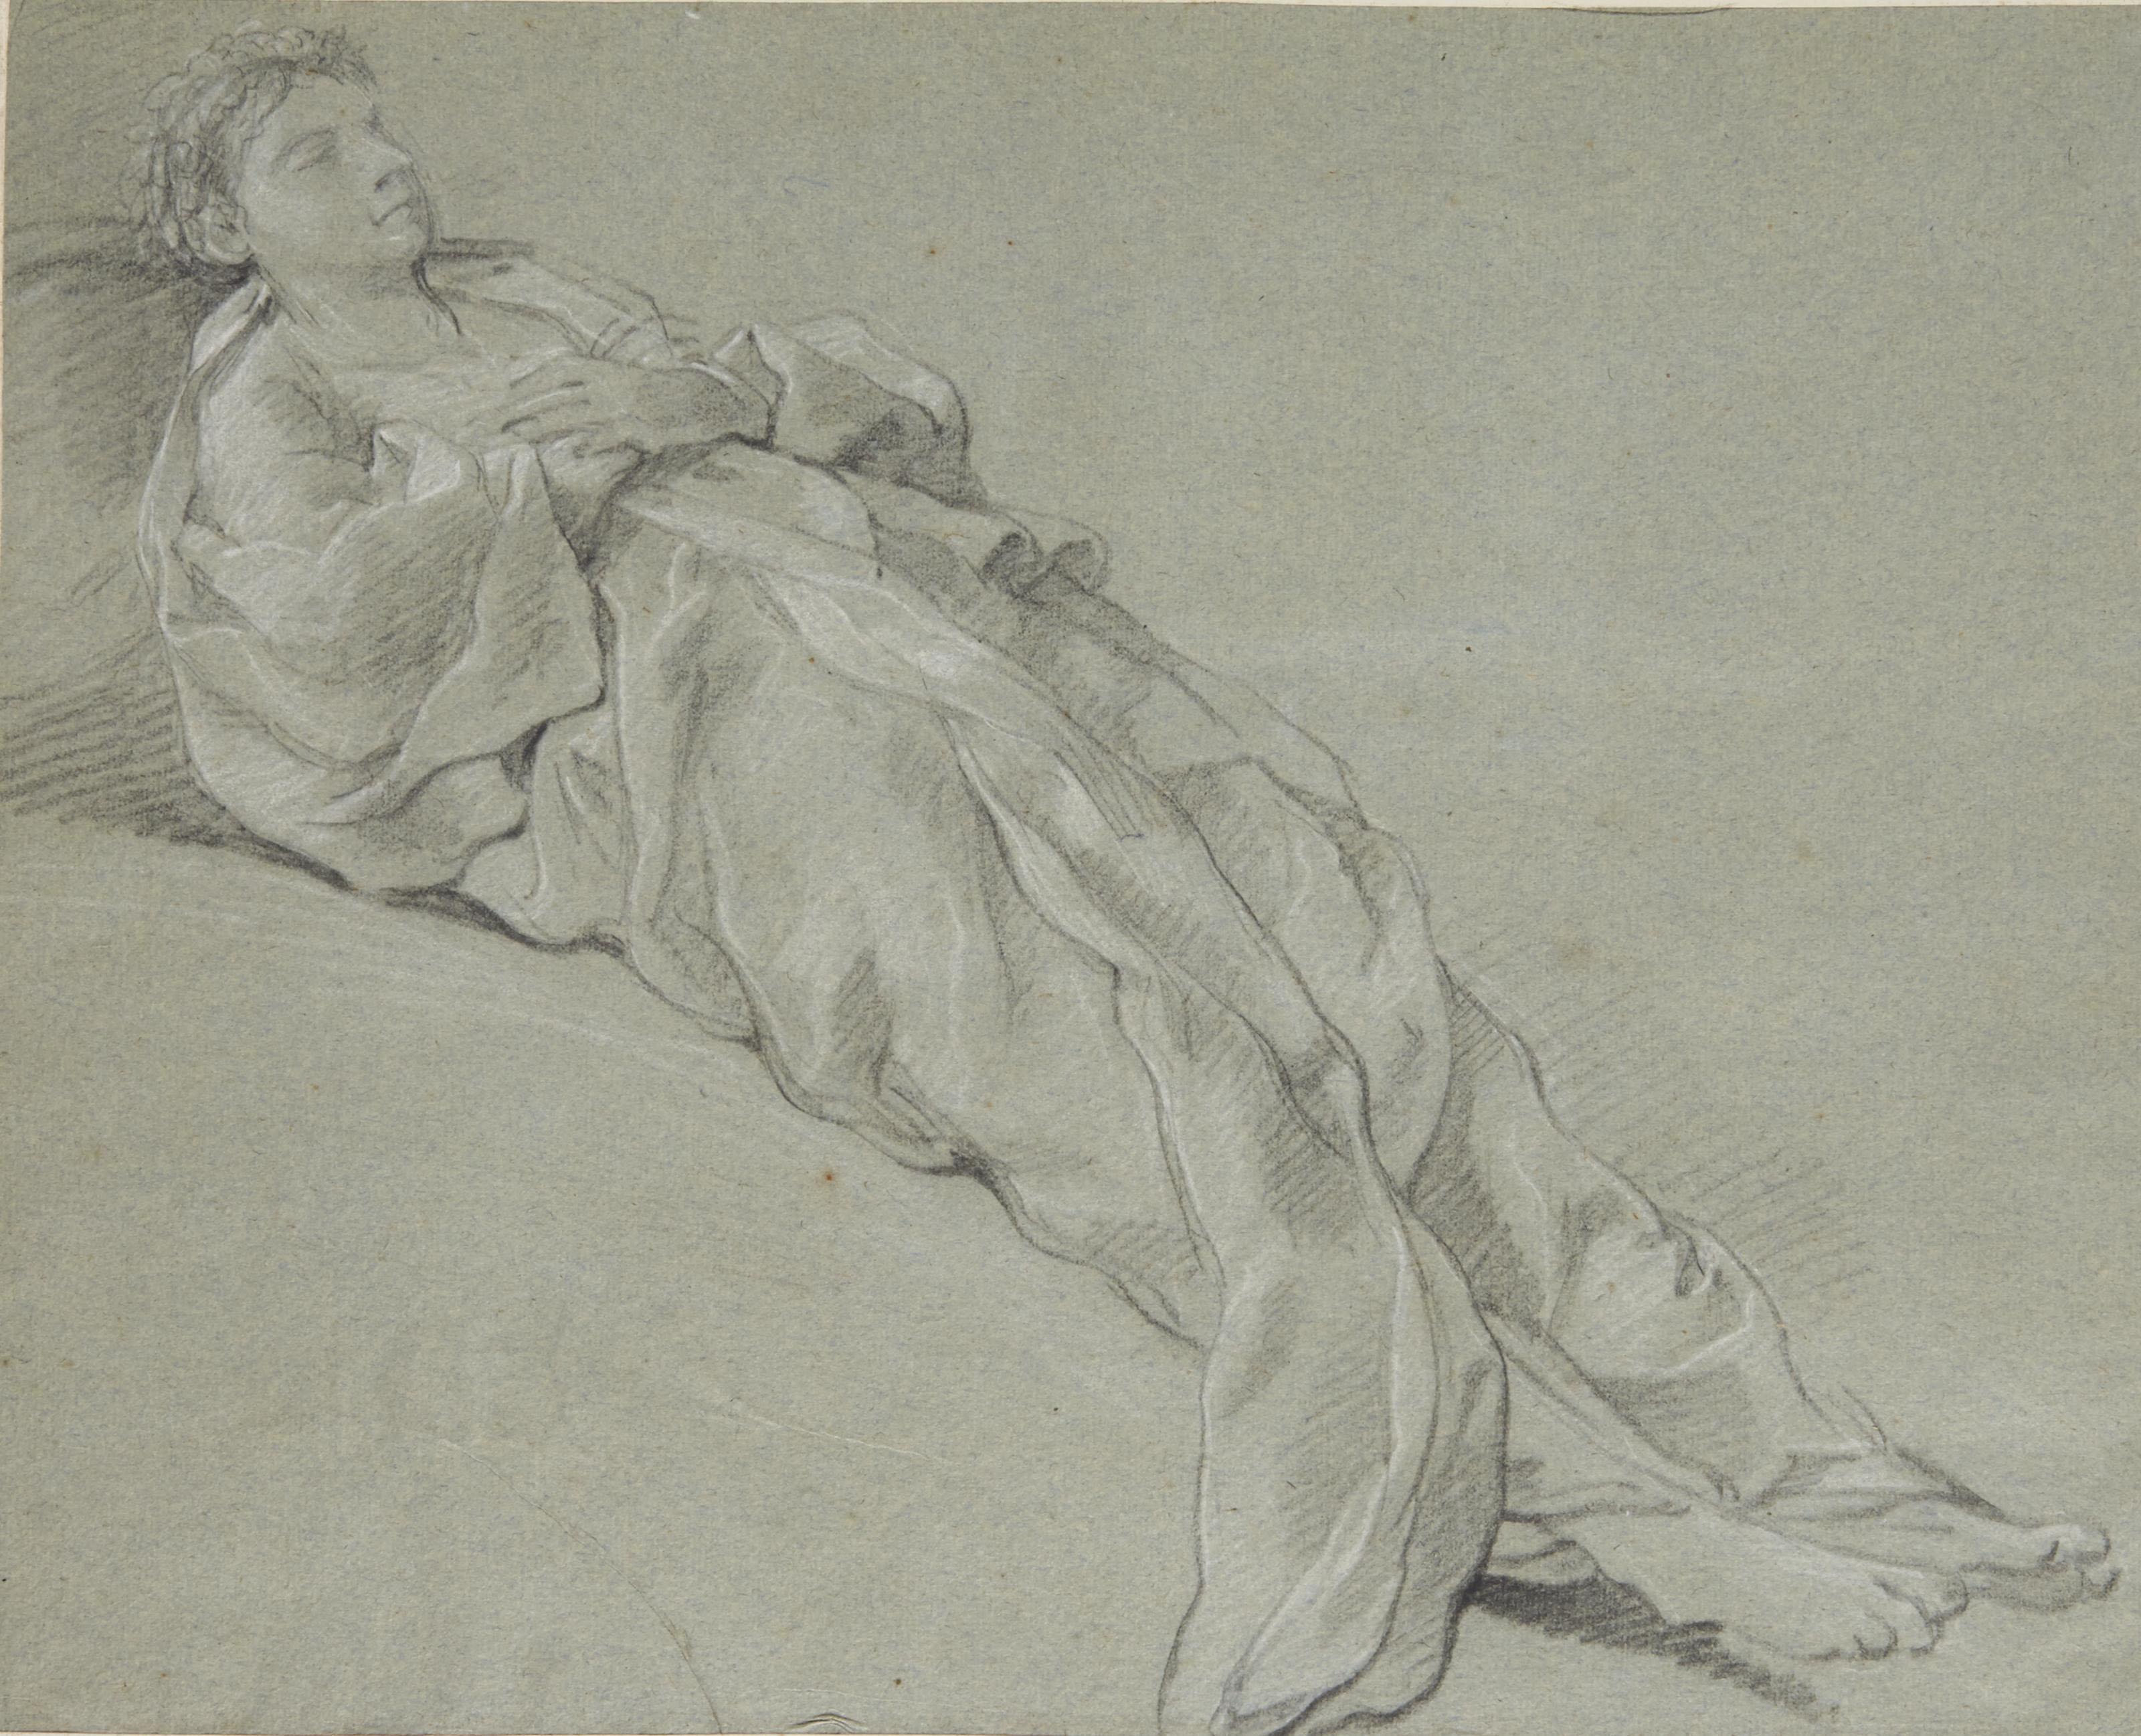 Figure de femme drapée et allongée, les yeux fermés, les bras croisés sur son ventre